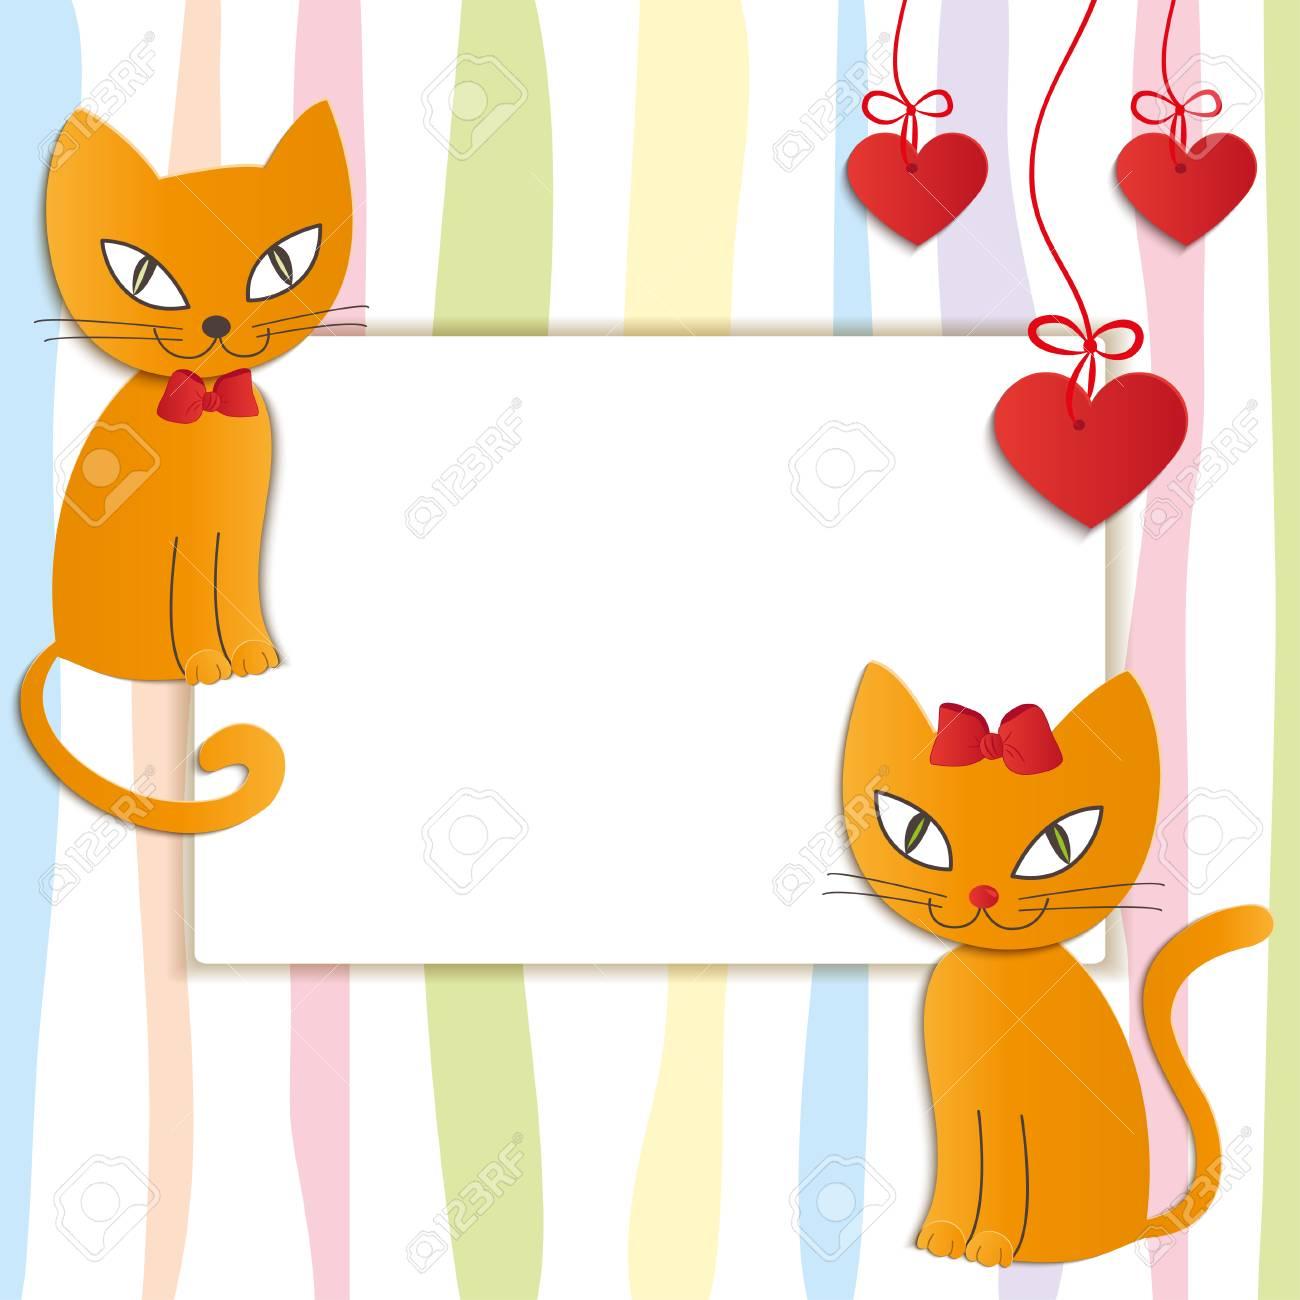 2 つの愛する猫 - イラスト ・ ベクターのロマンチックなカップル